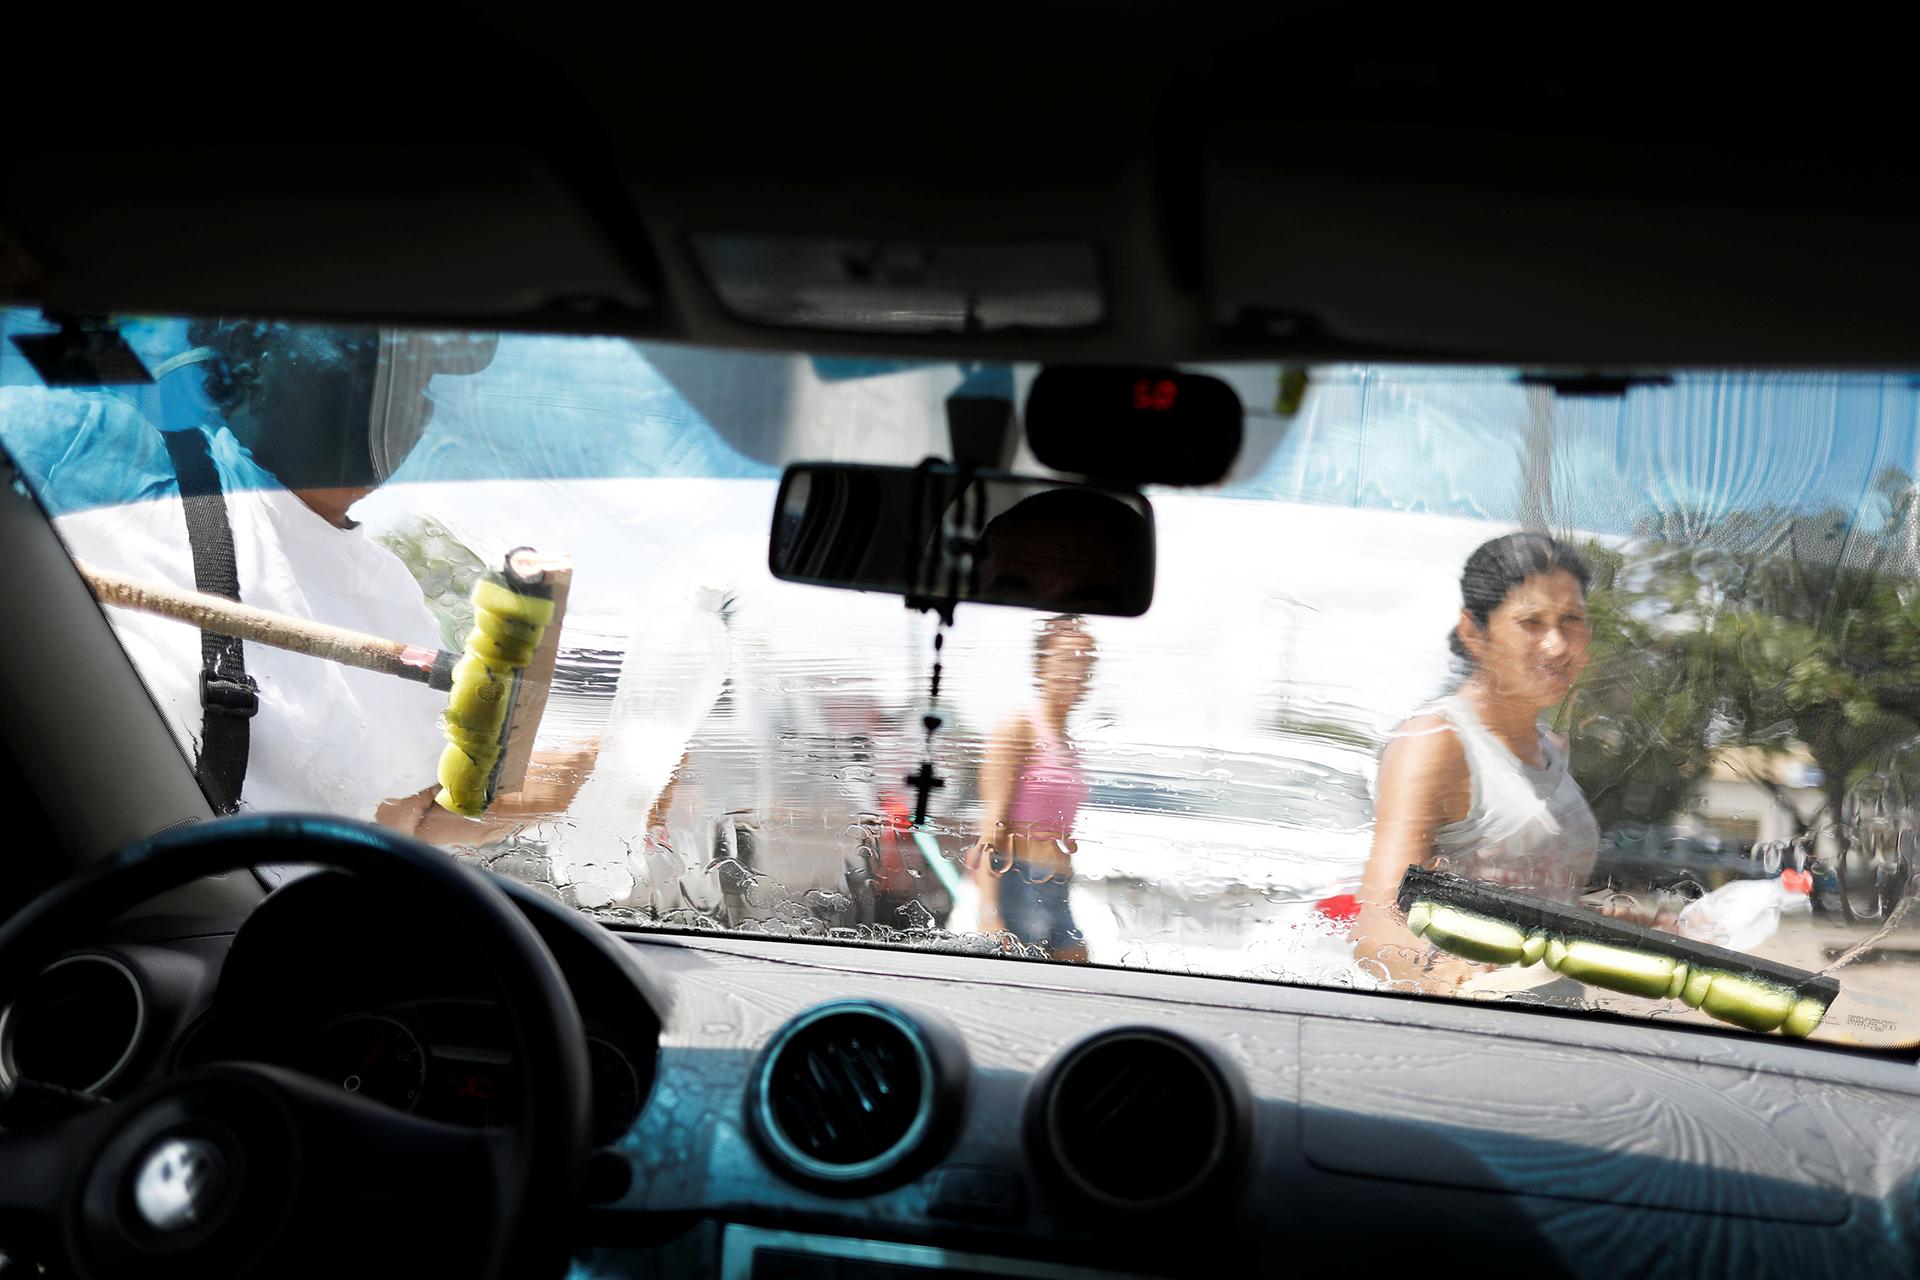 Muchos venezolanos en Brasil se dedican a limpiar vidrios de vehículos para sobrevivir (REUTERS)